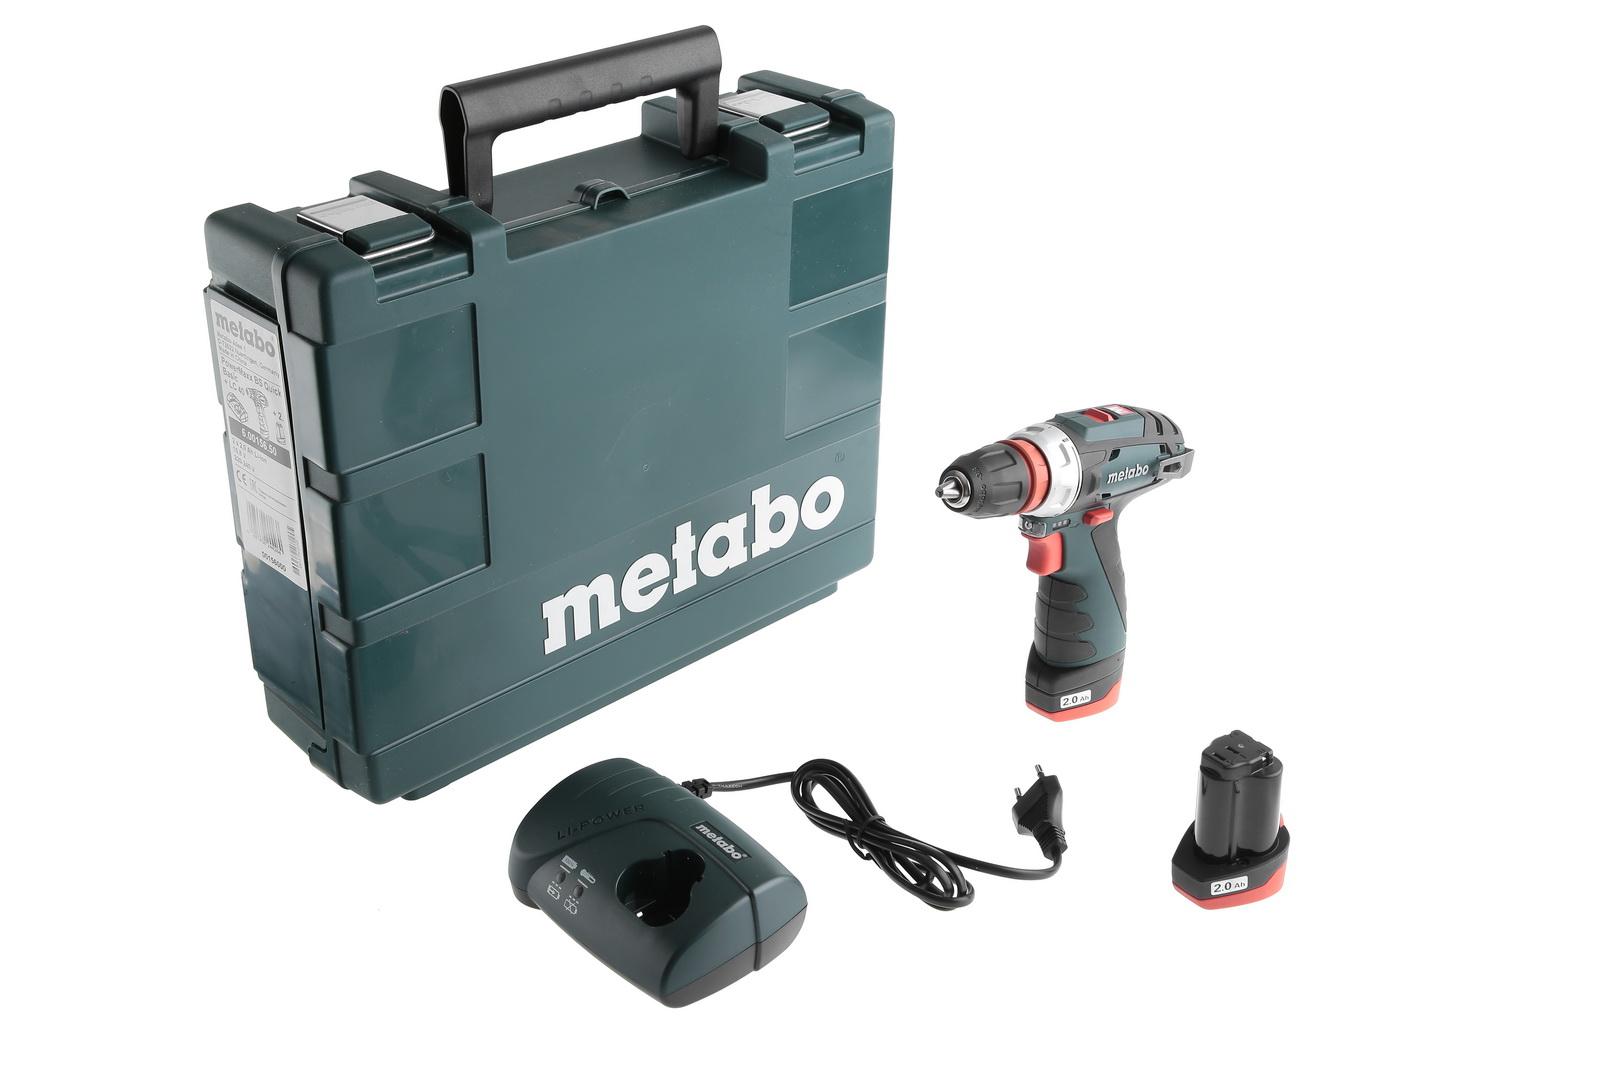 Аккумуляторная дрель-шуруповерт Metabo Powermaxx bs quick basic (600156500)